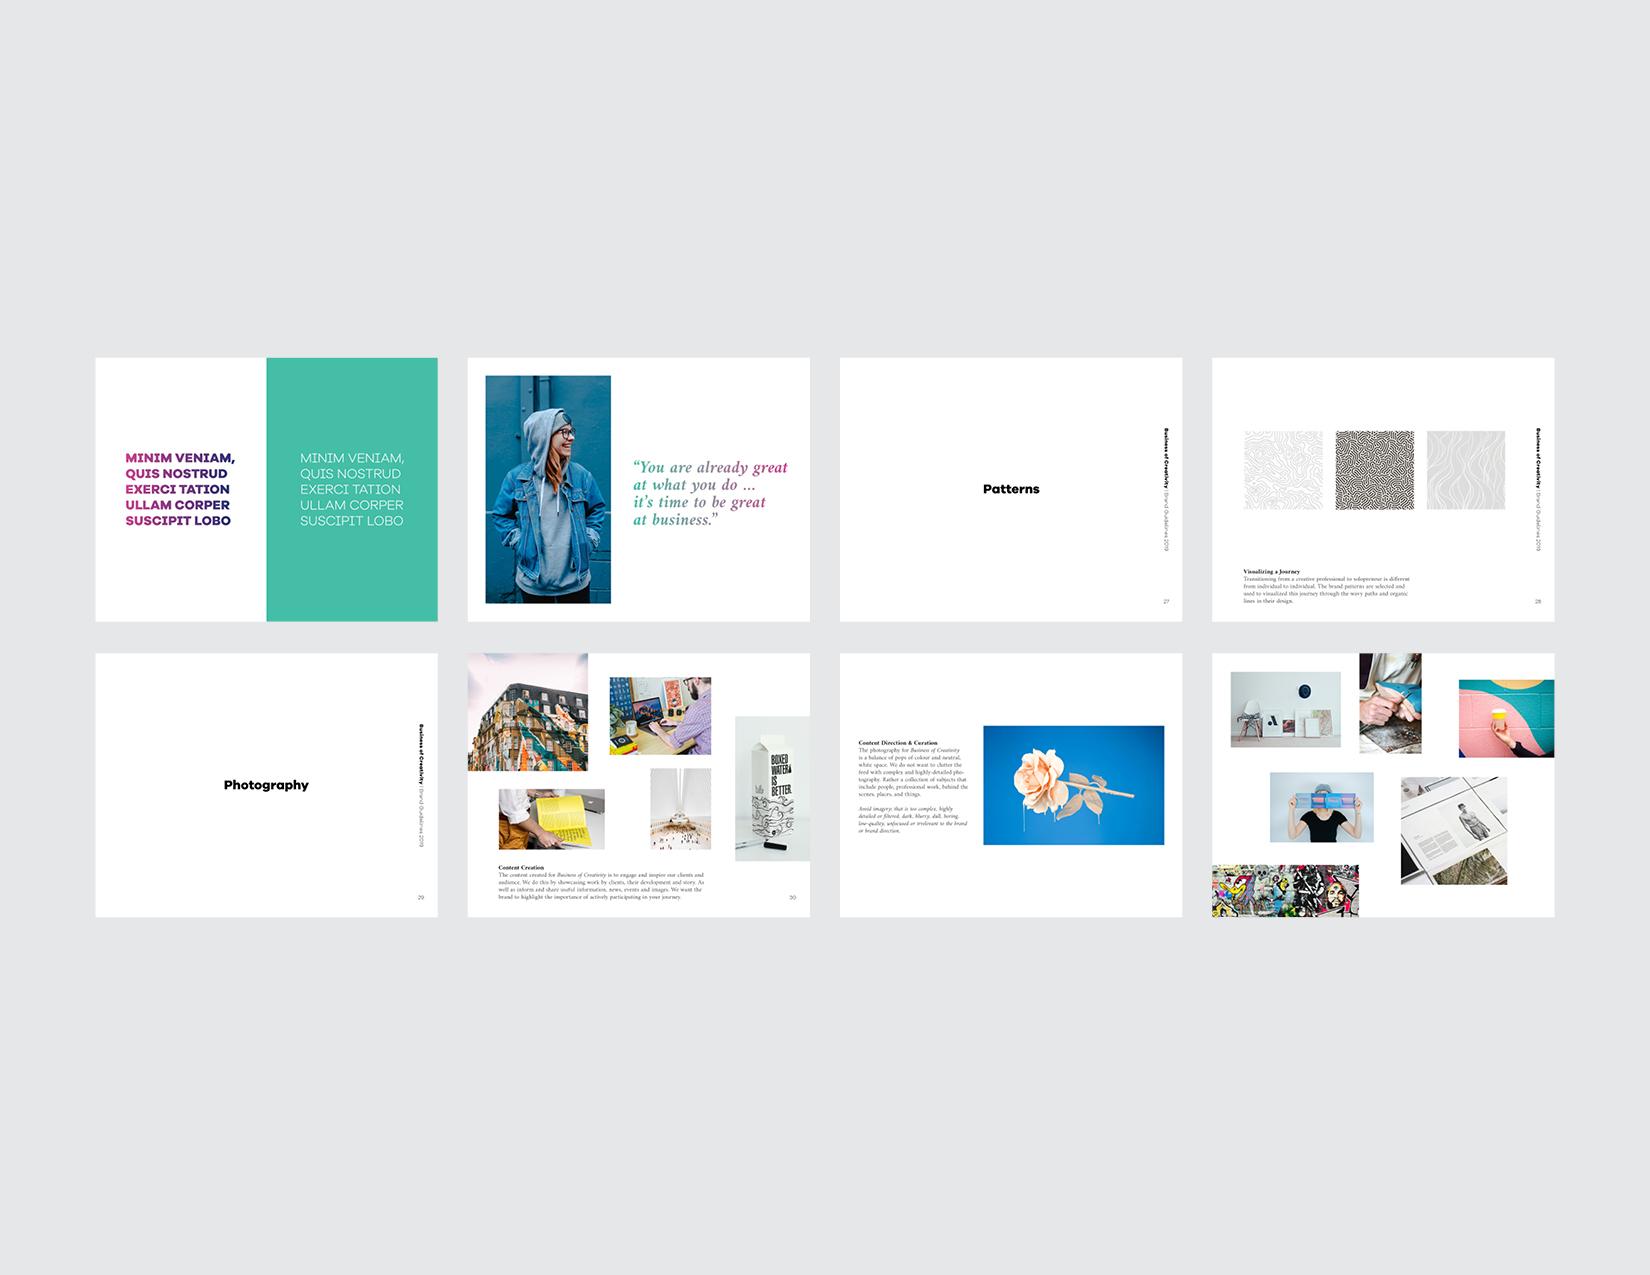 BOC-branding_guidelines-overview4.jpg